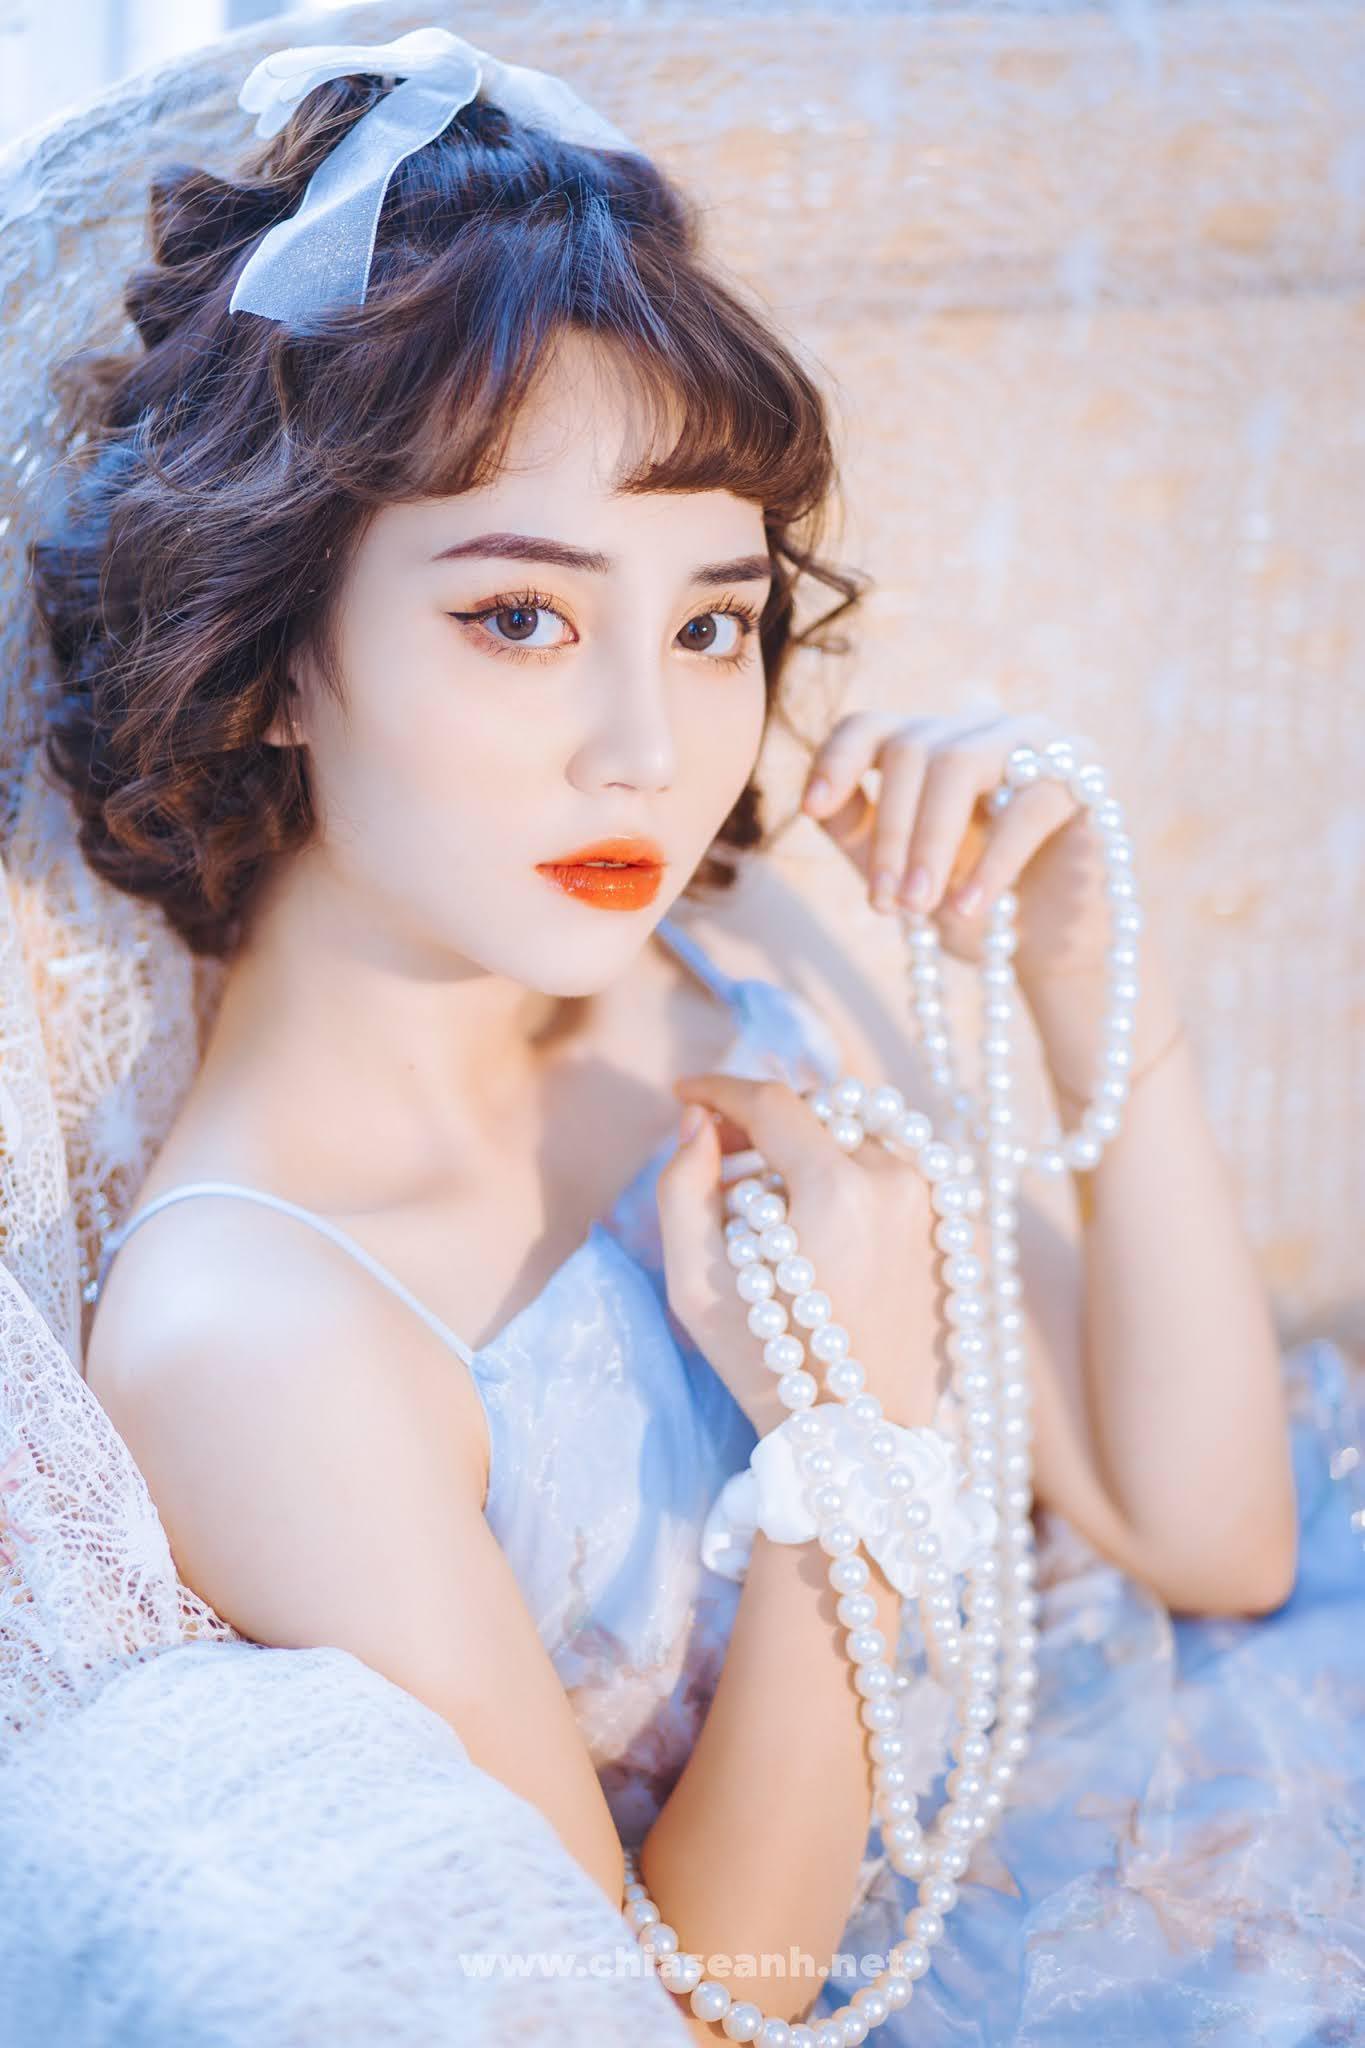 """Mê mẫn với vẻ đẹp ngọt ngào của nữ sinh năm 2 Đại học Văn hóa Hà Nội: Vừa tung bộ ảnh đã """"dính"""" ngay trending!"""